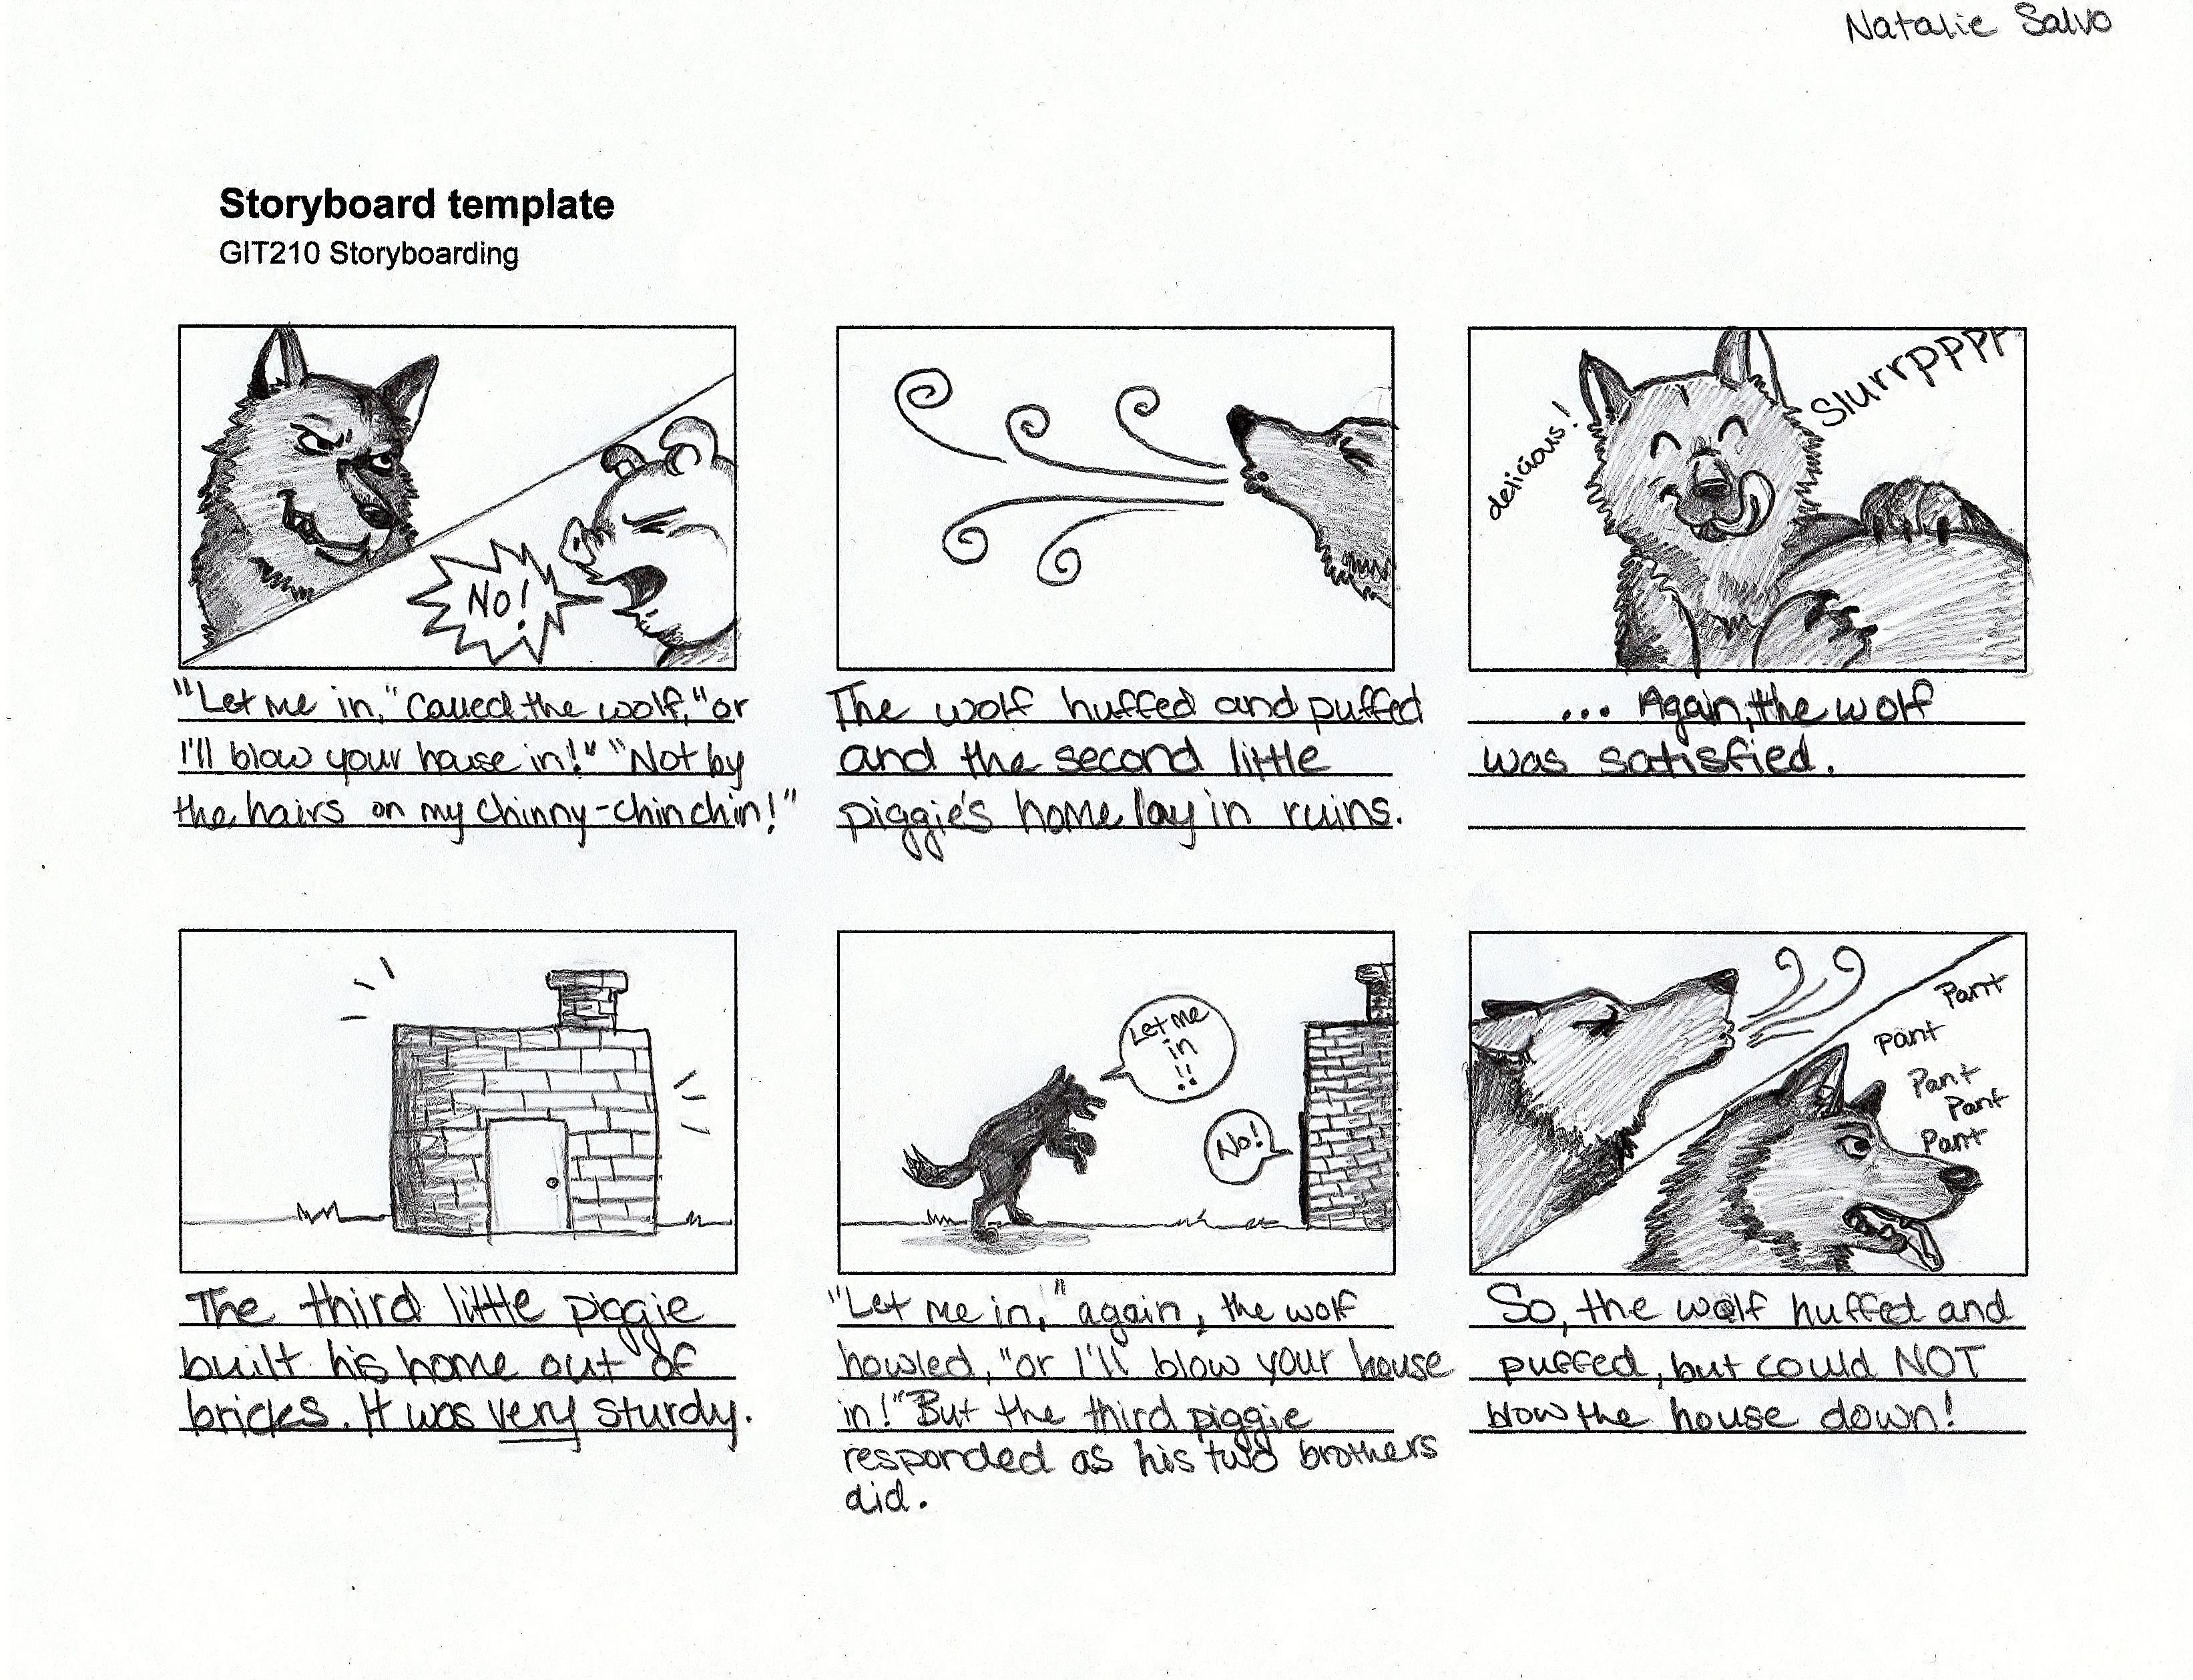 3 Little Pigs Story Board